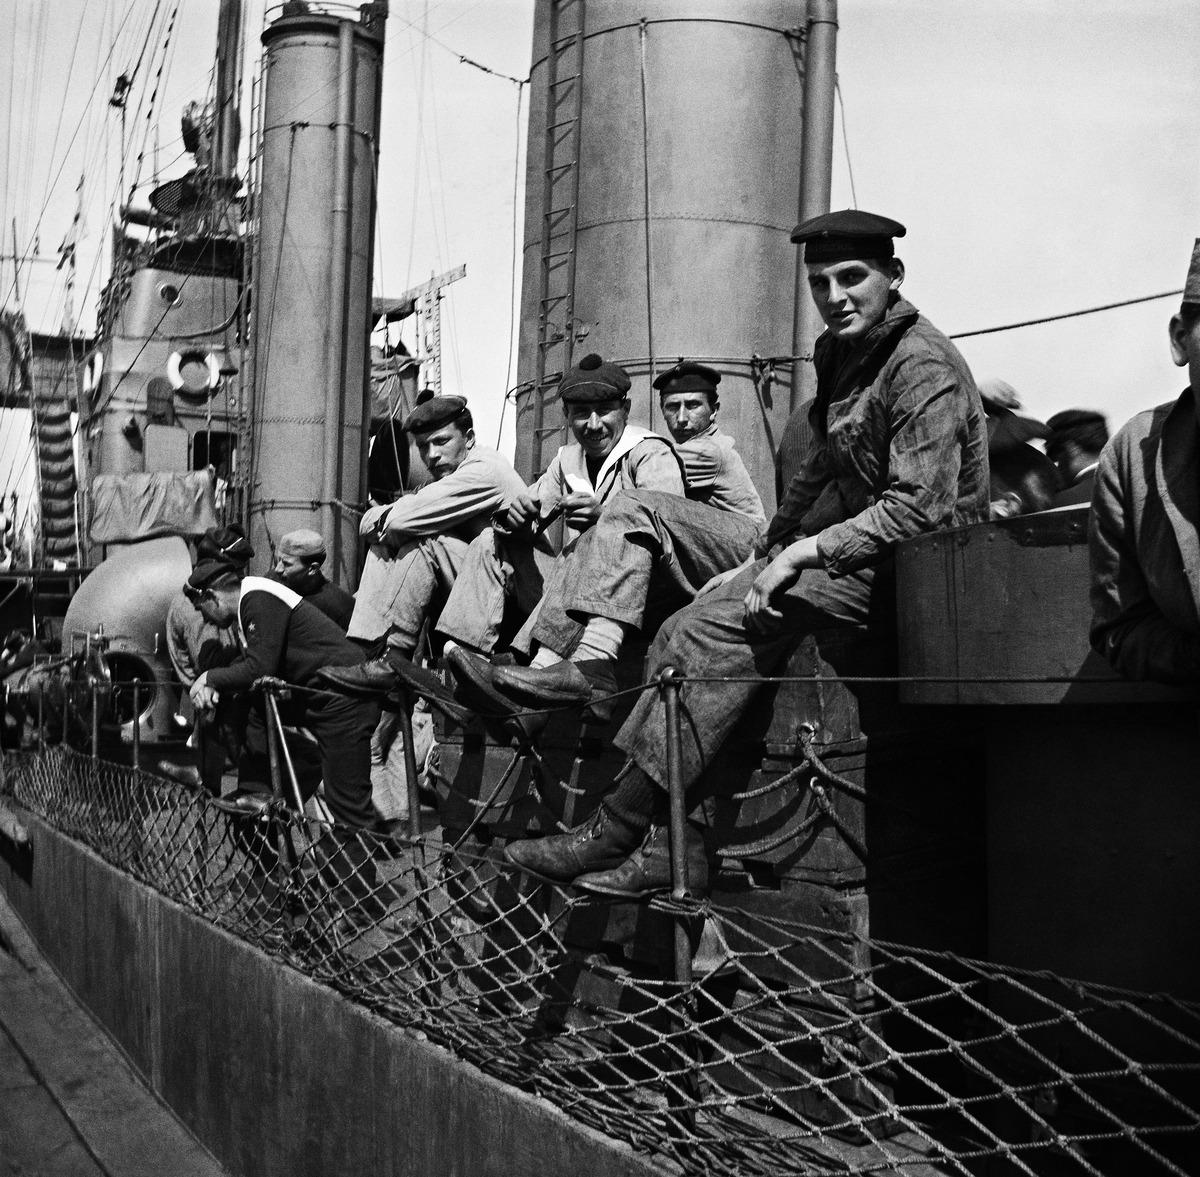 Ranskalaisen torpedoristeilijä Temerairen miehistöä toukokuussa 1919 vierailulla Helsingissä